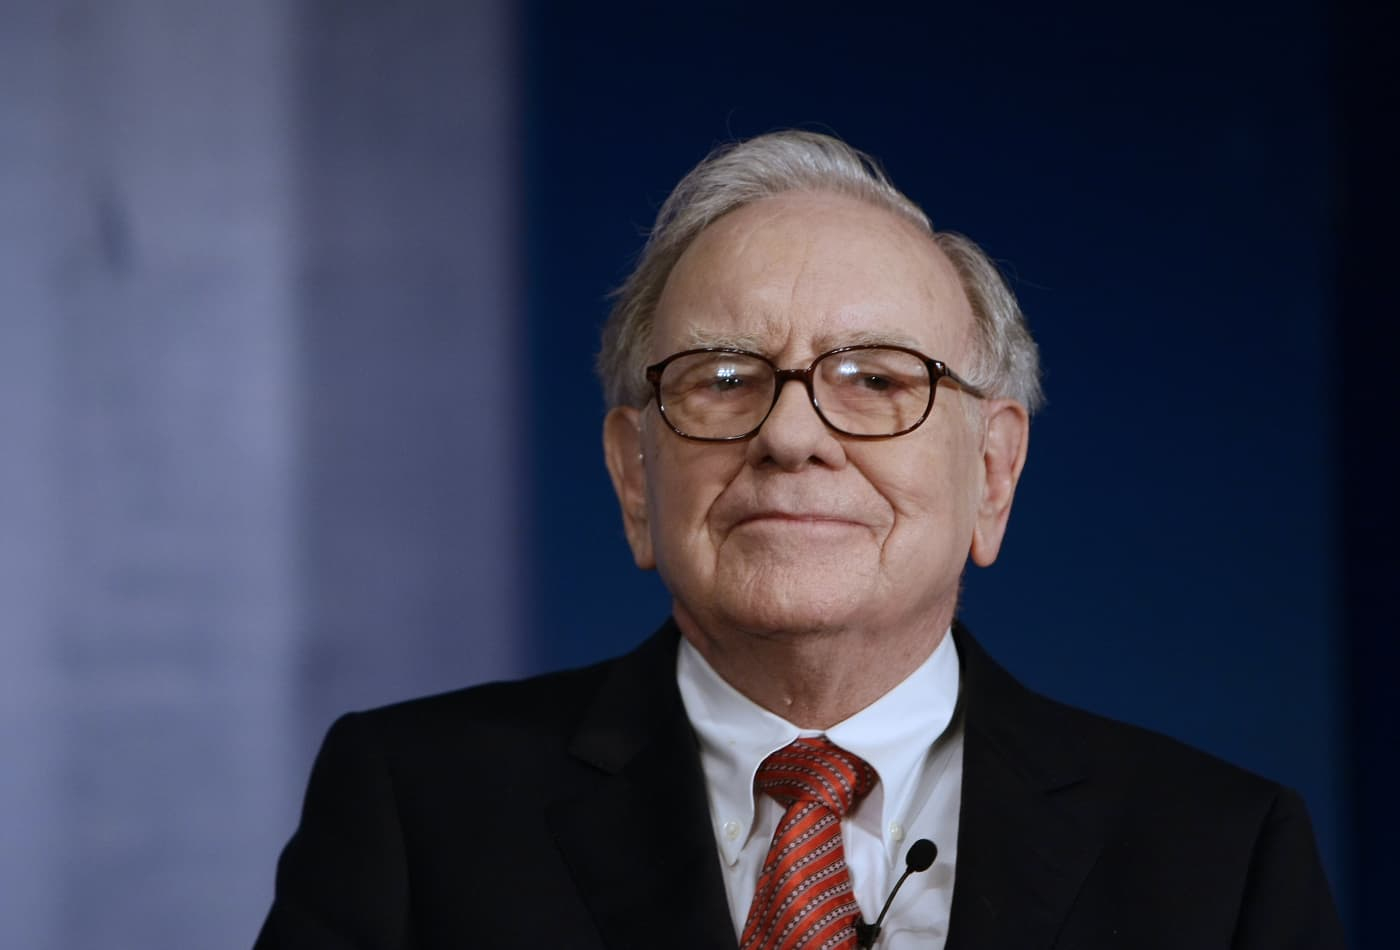 7 books Warren Buffet Thinks You Must Read